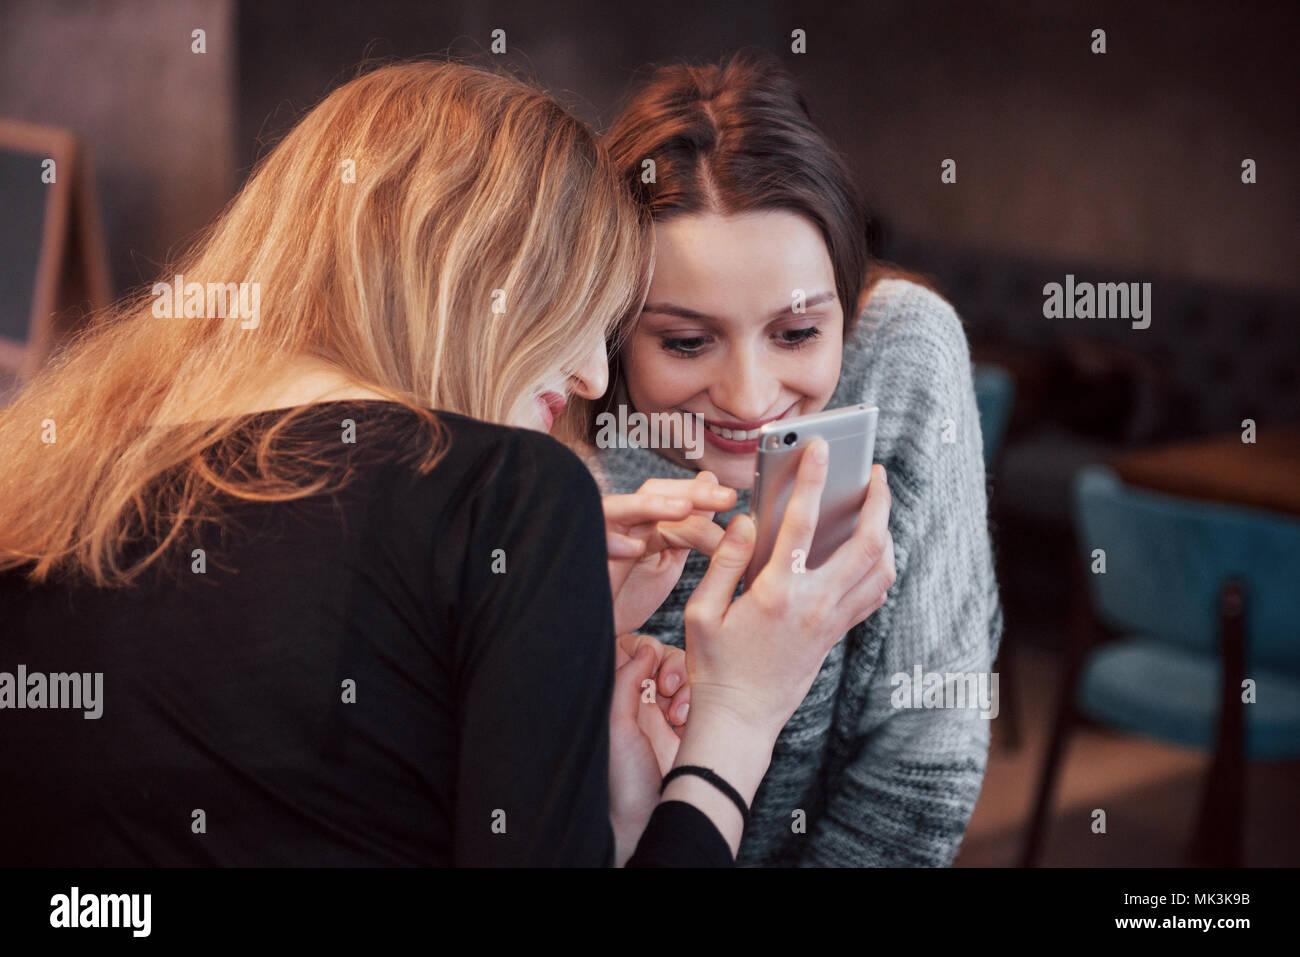 Dos sonriendo amigos leer funny chat sobre teléfono moderno sentado con sabroso café en el restaurante.Hipster niñas disfrutando de tiempo de recreo en la cafetería con bebidas calientes y mensajería en teléfonos Imagen De Stock